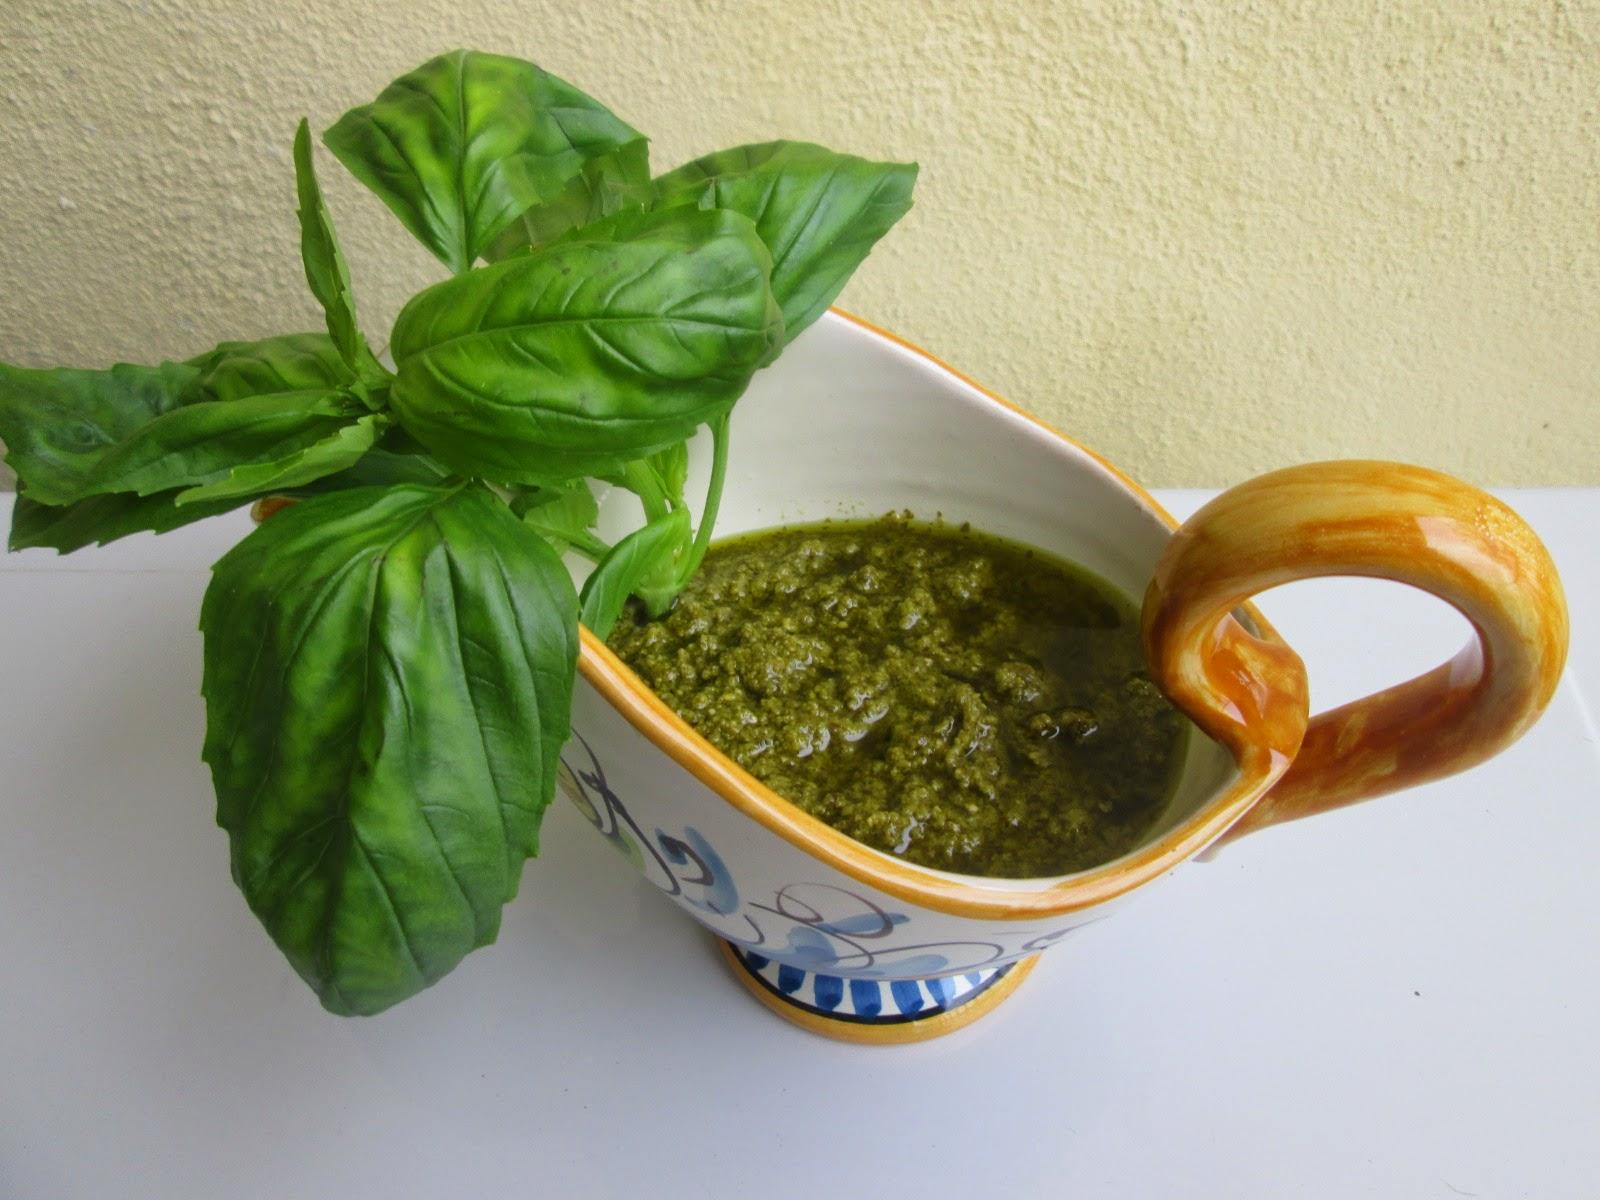 Pesto a Genovese caseiro (Pesto alla Genovese casalingo)